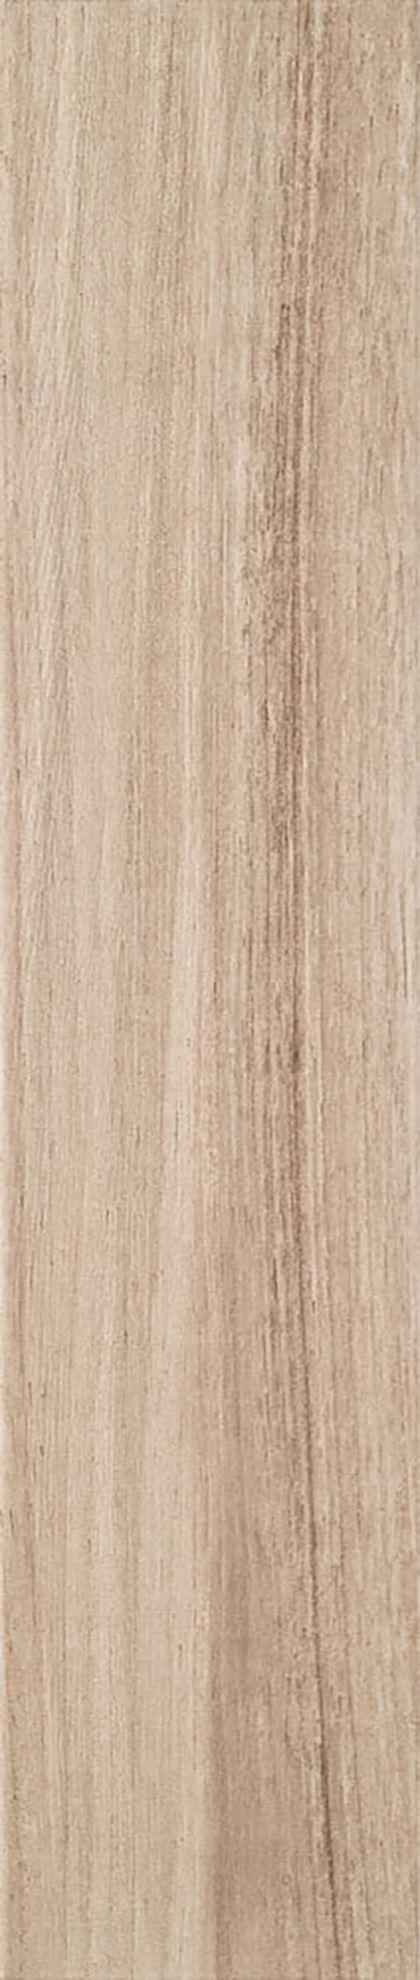 WOOD ASH 15x70